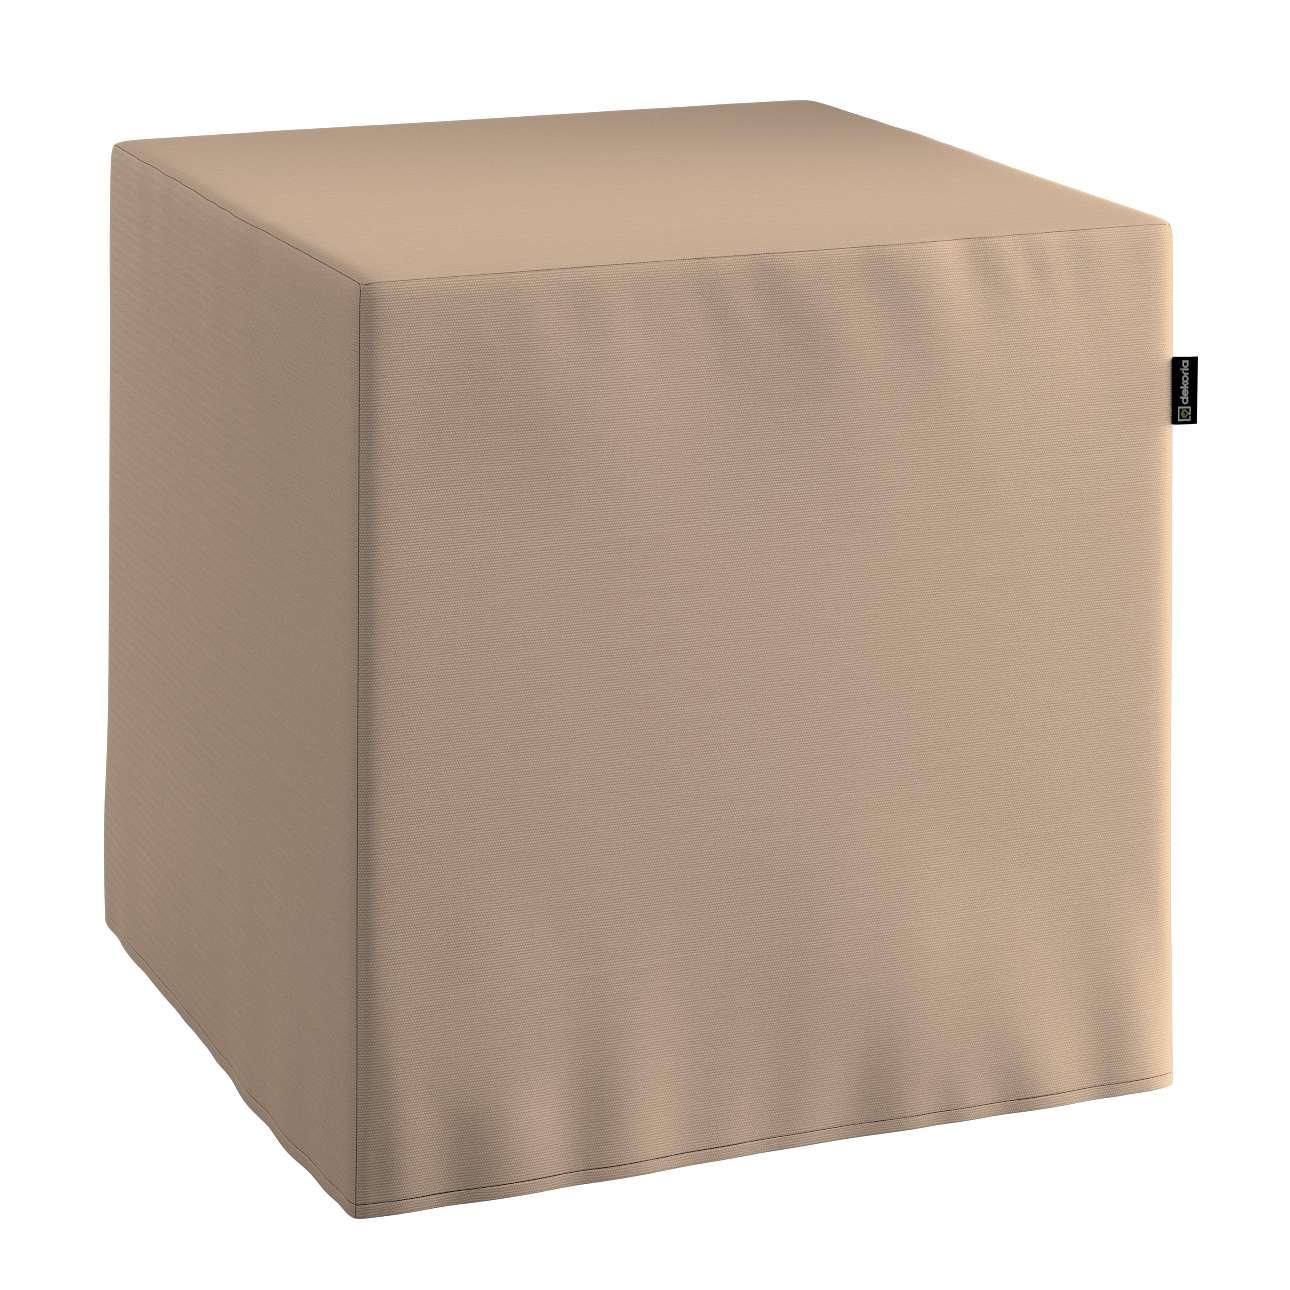 Harter Sitzwürfel 40 x 40 x 40 cm von der Kollektion Cotton Panama, Stoff: 702-28